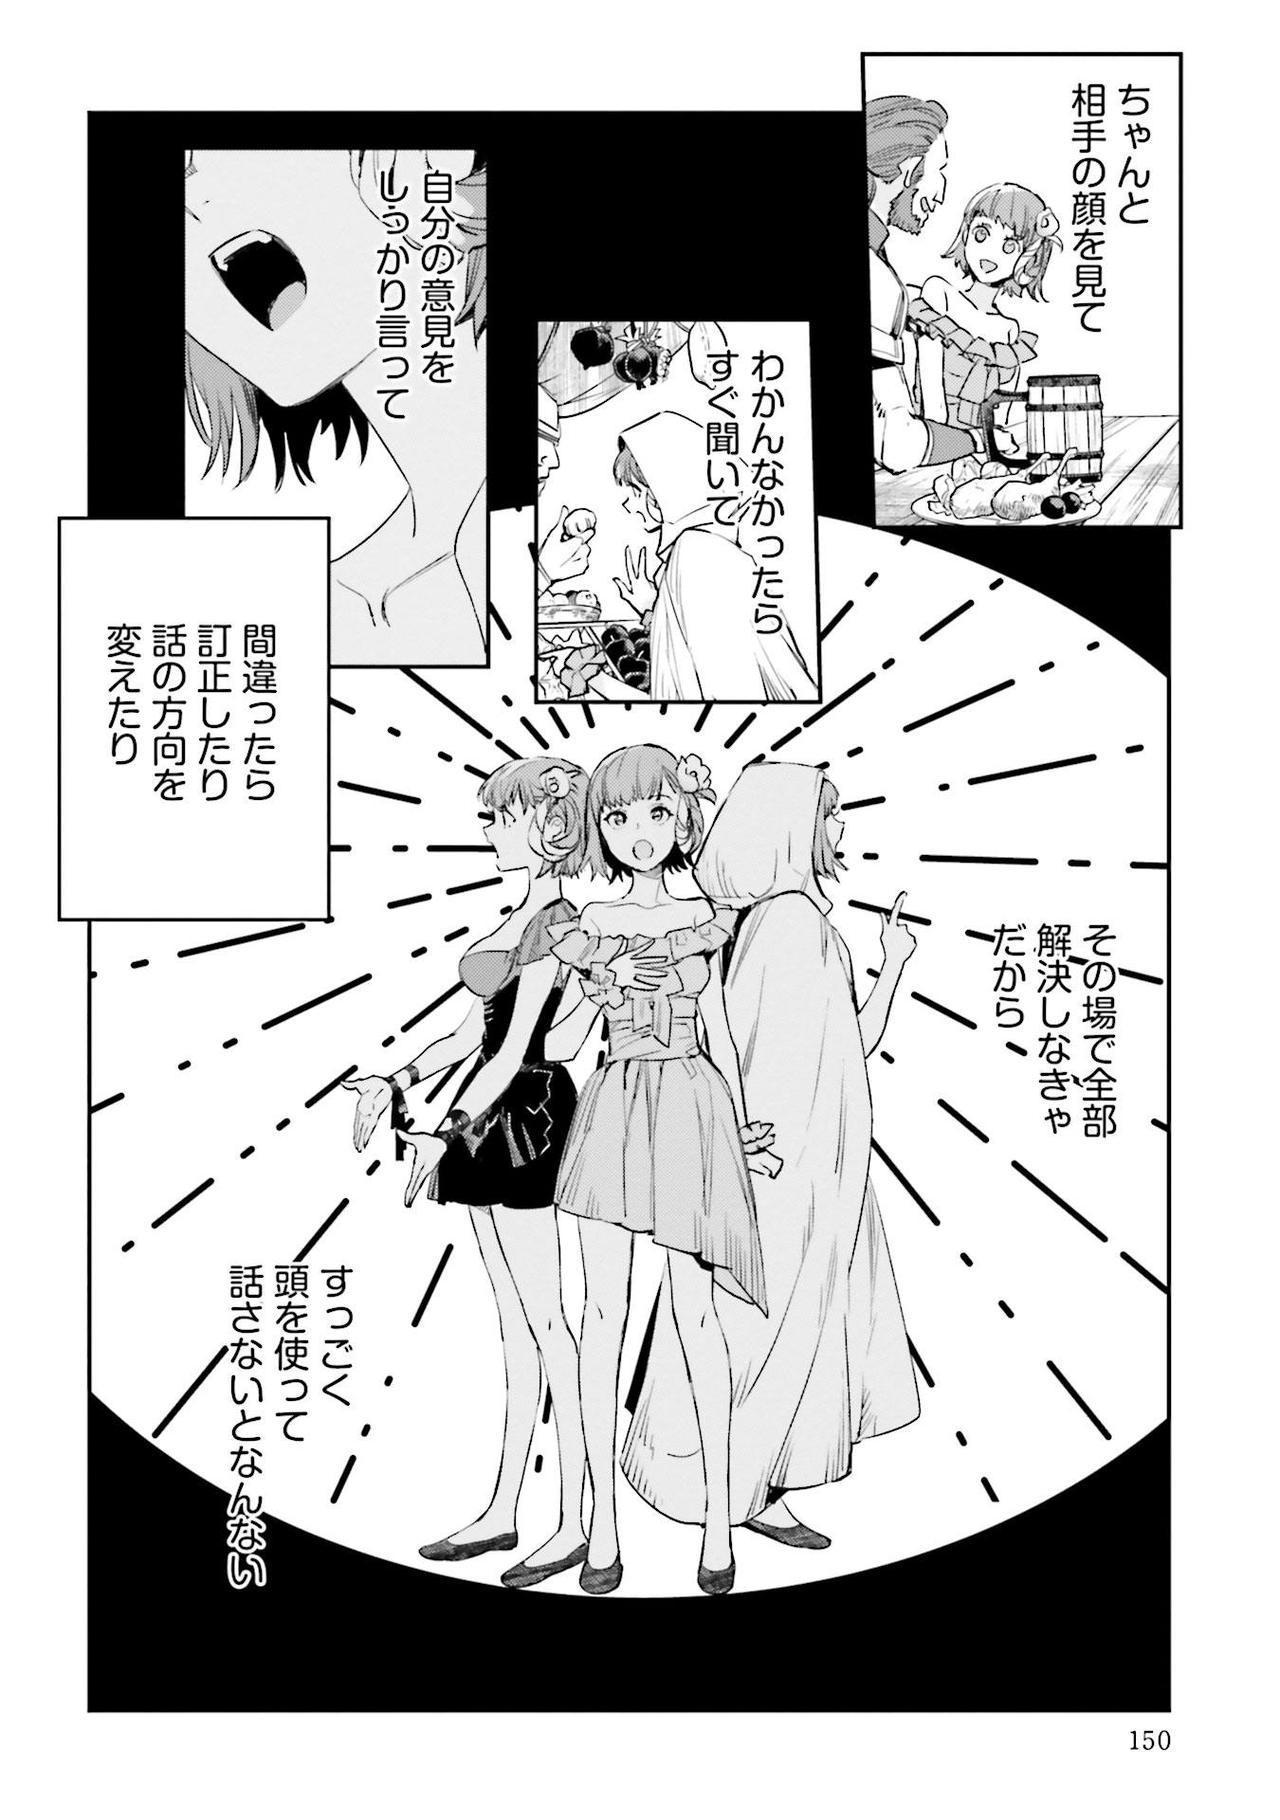 JK Haru wa Isekai de Shoufu ni Natta 1-14 509